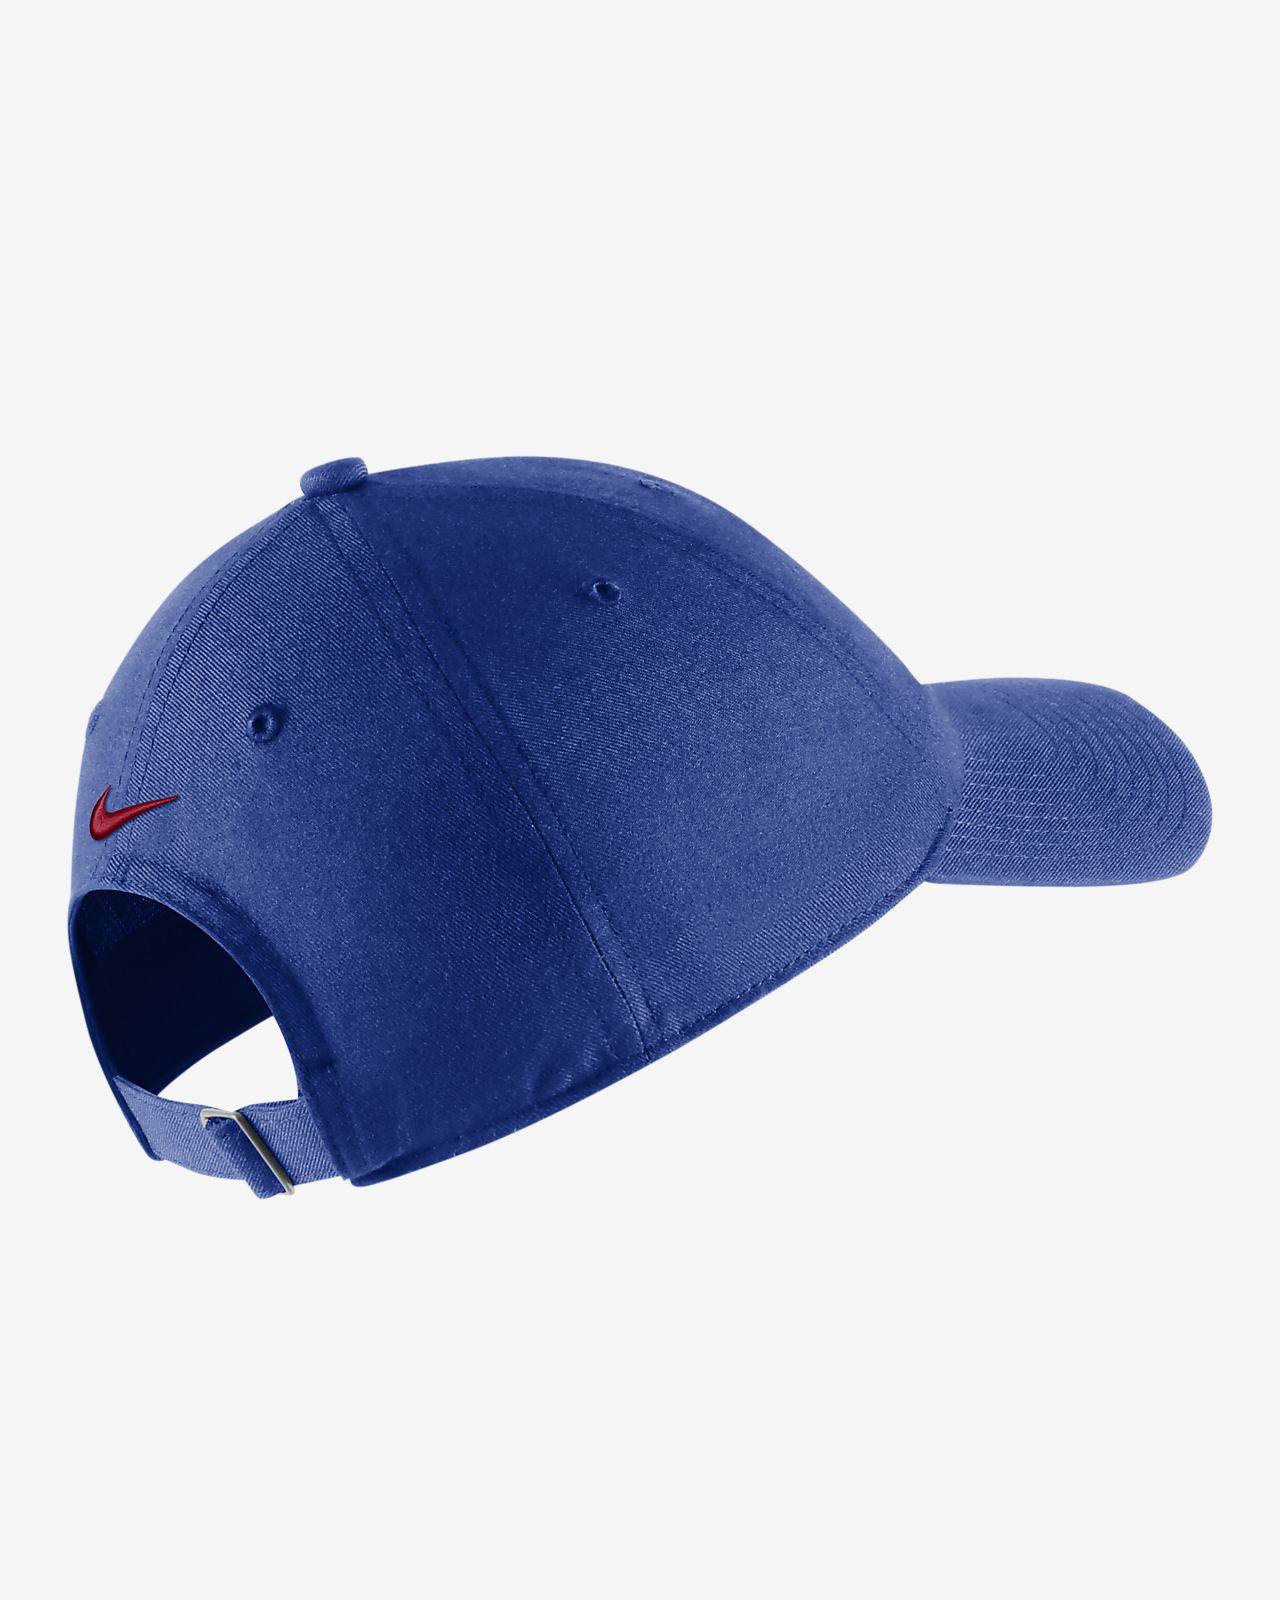 044df6f7044 Nike Heritage86 (NFL Giants) Adjustable Hat. Nike.com AU